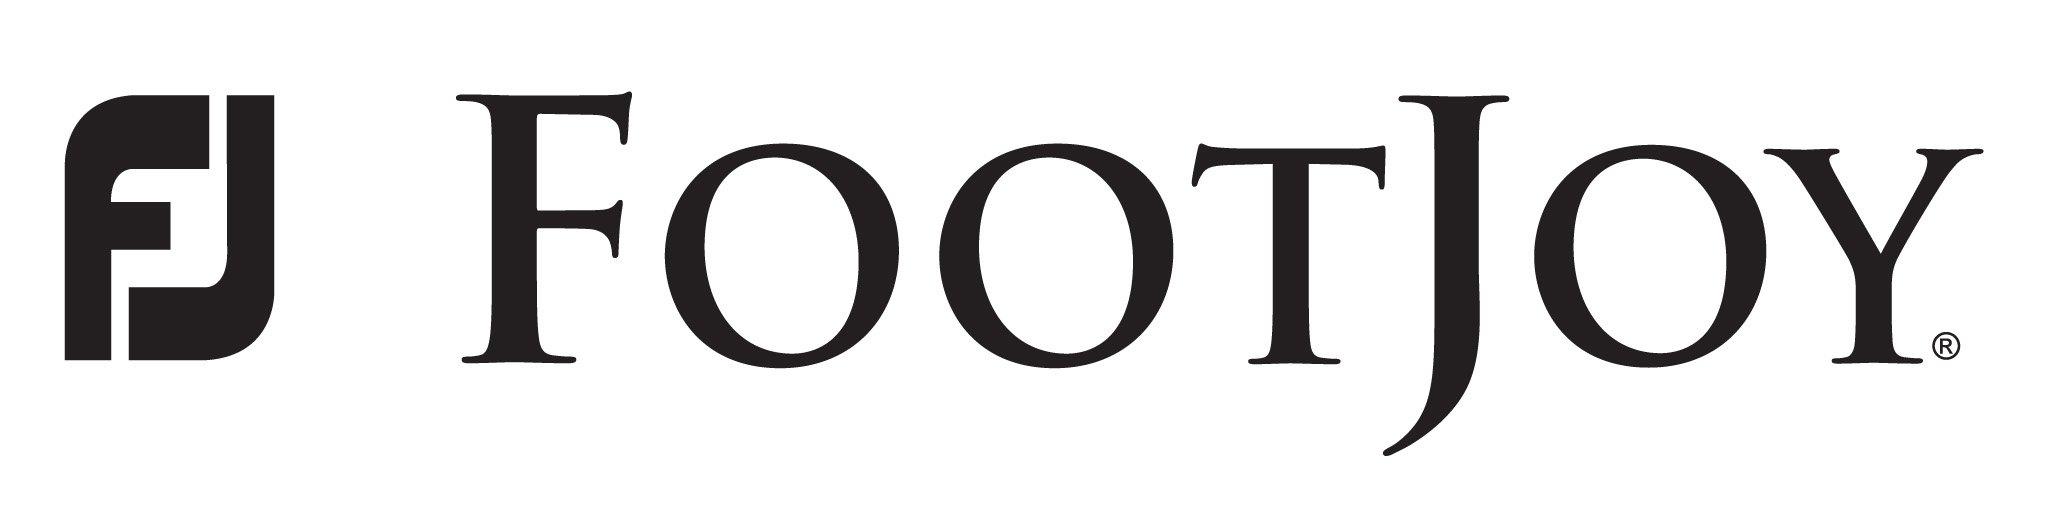 marque FOOTJOY